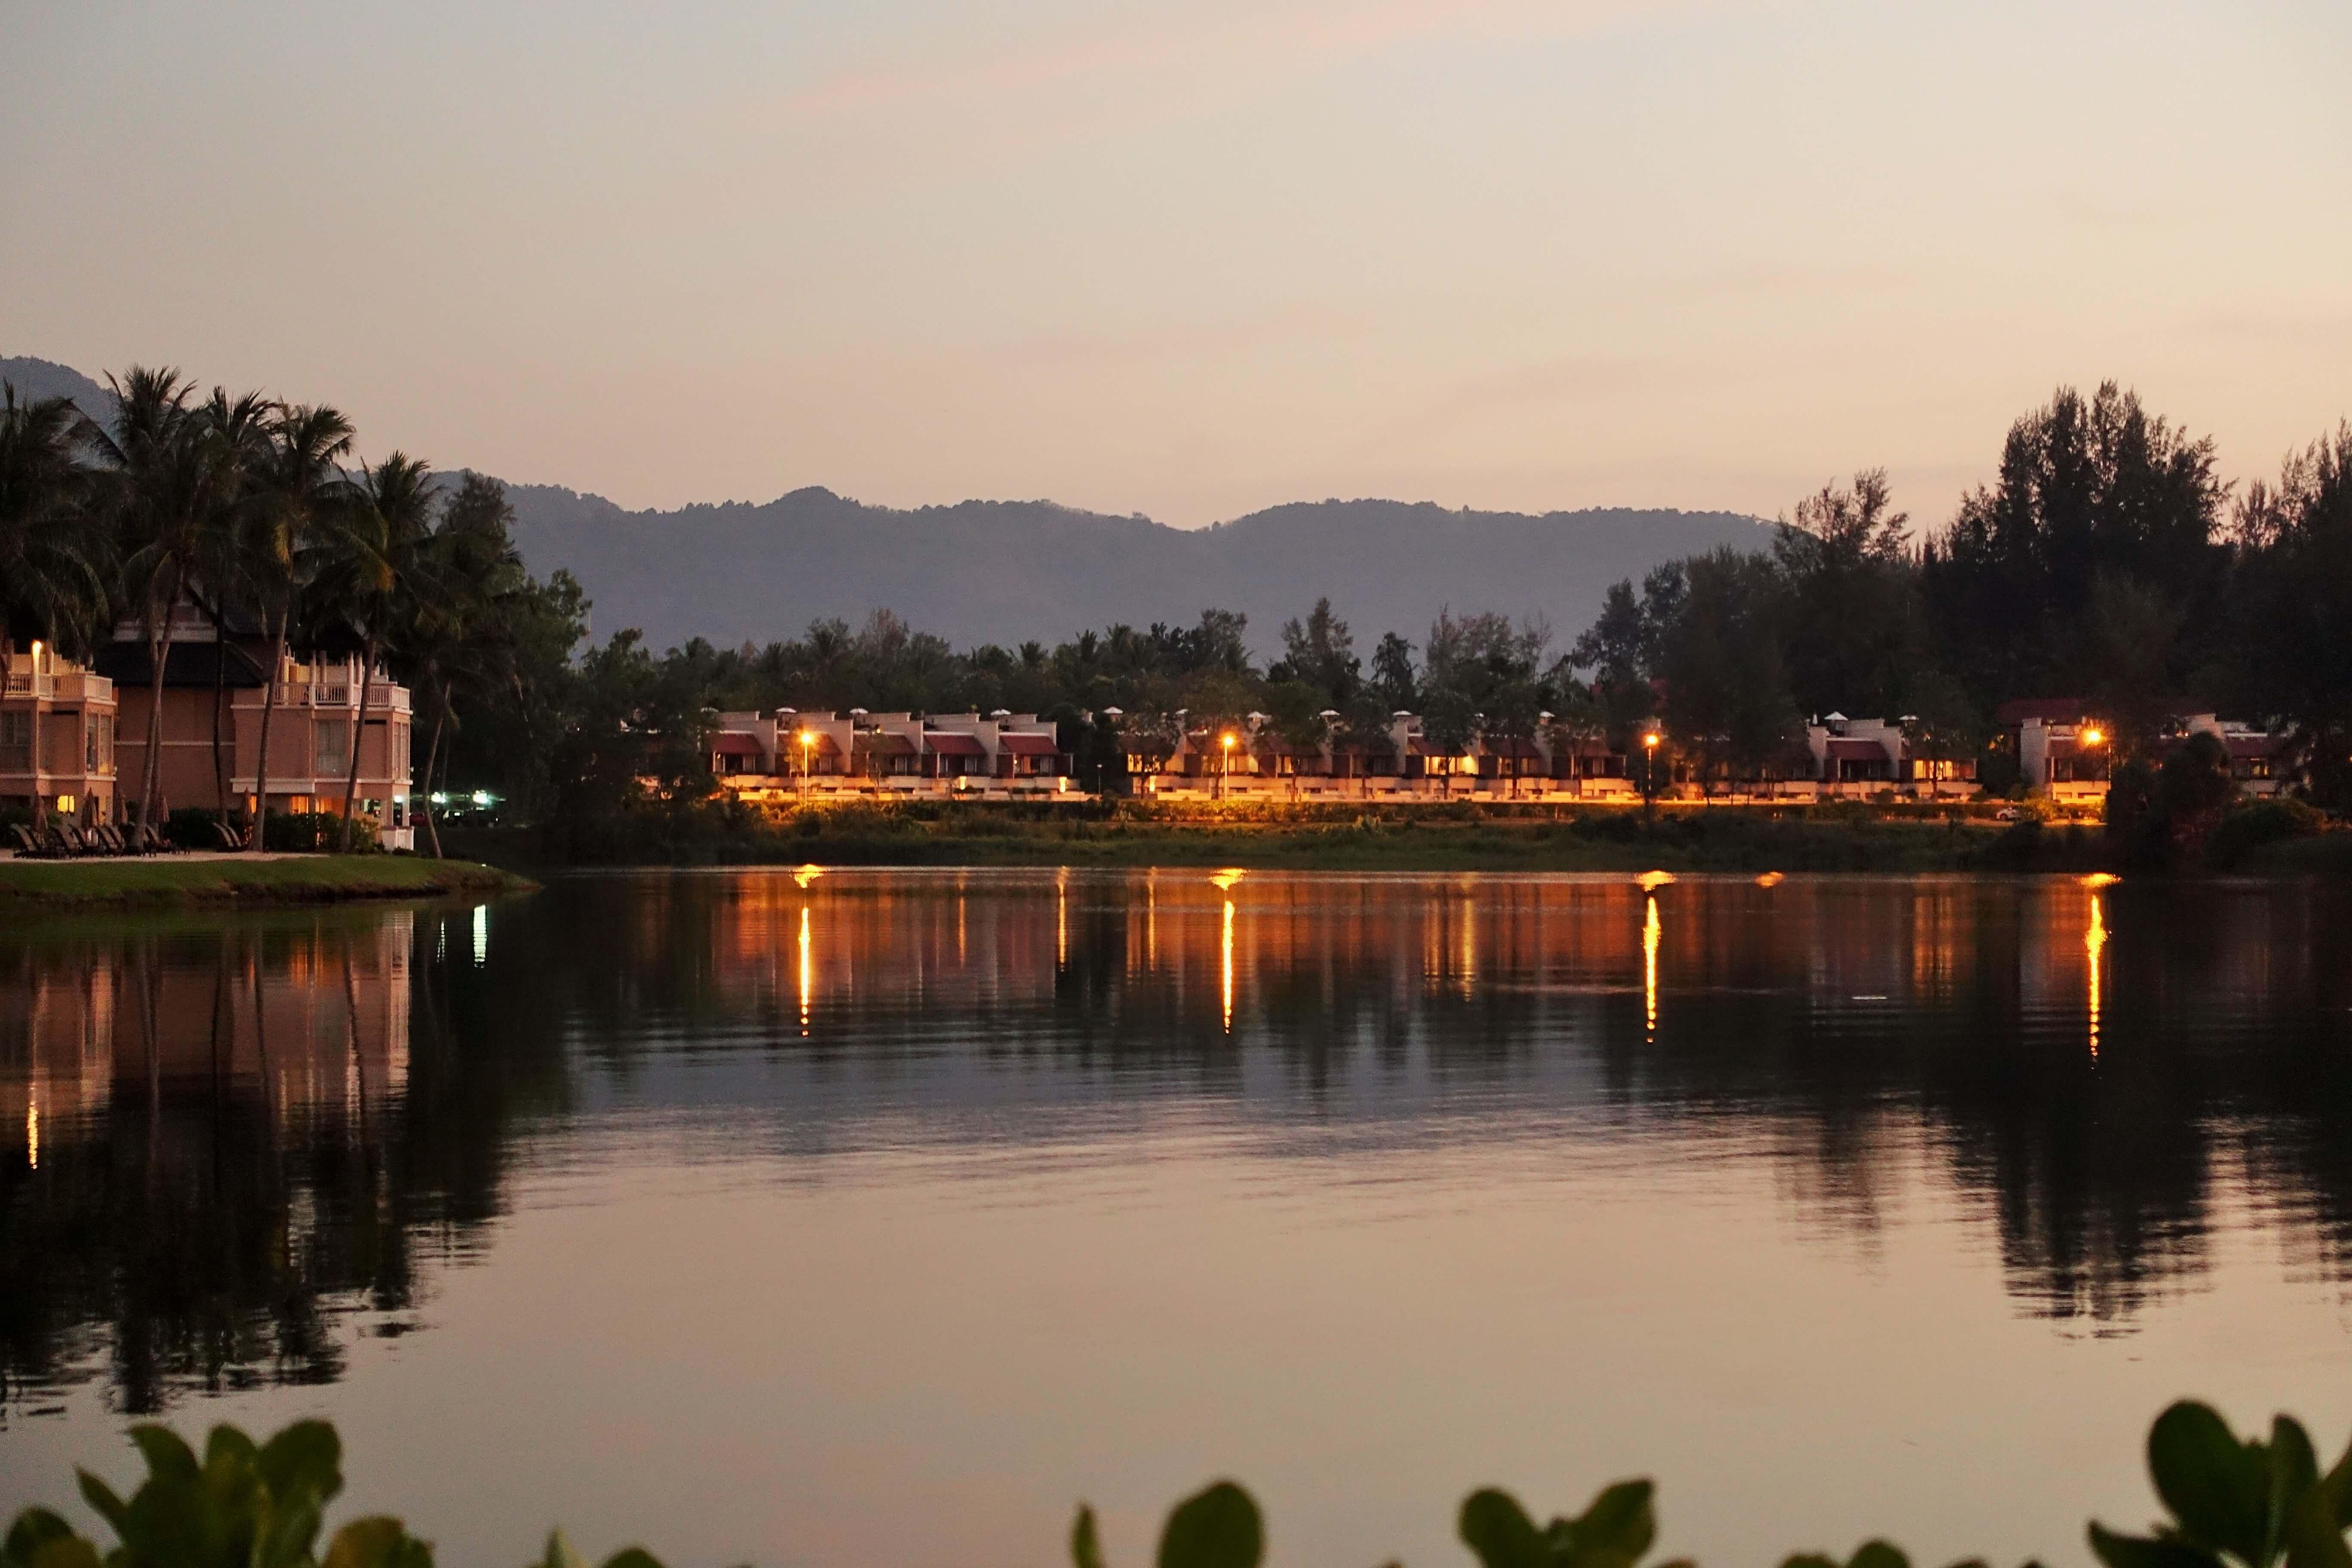 sunset on a lagoon, Angsana Laguna Phuket